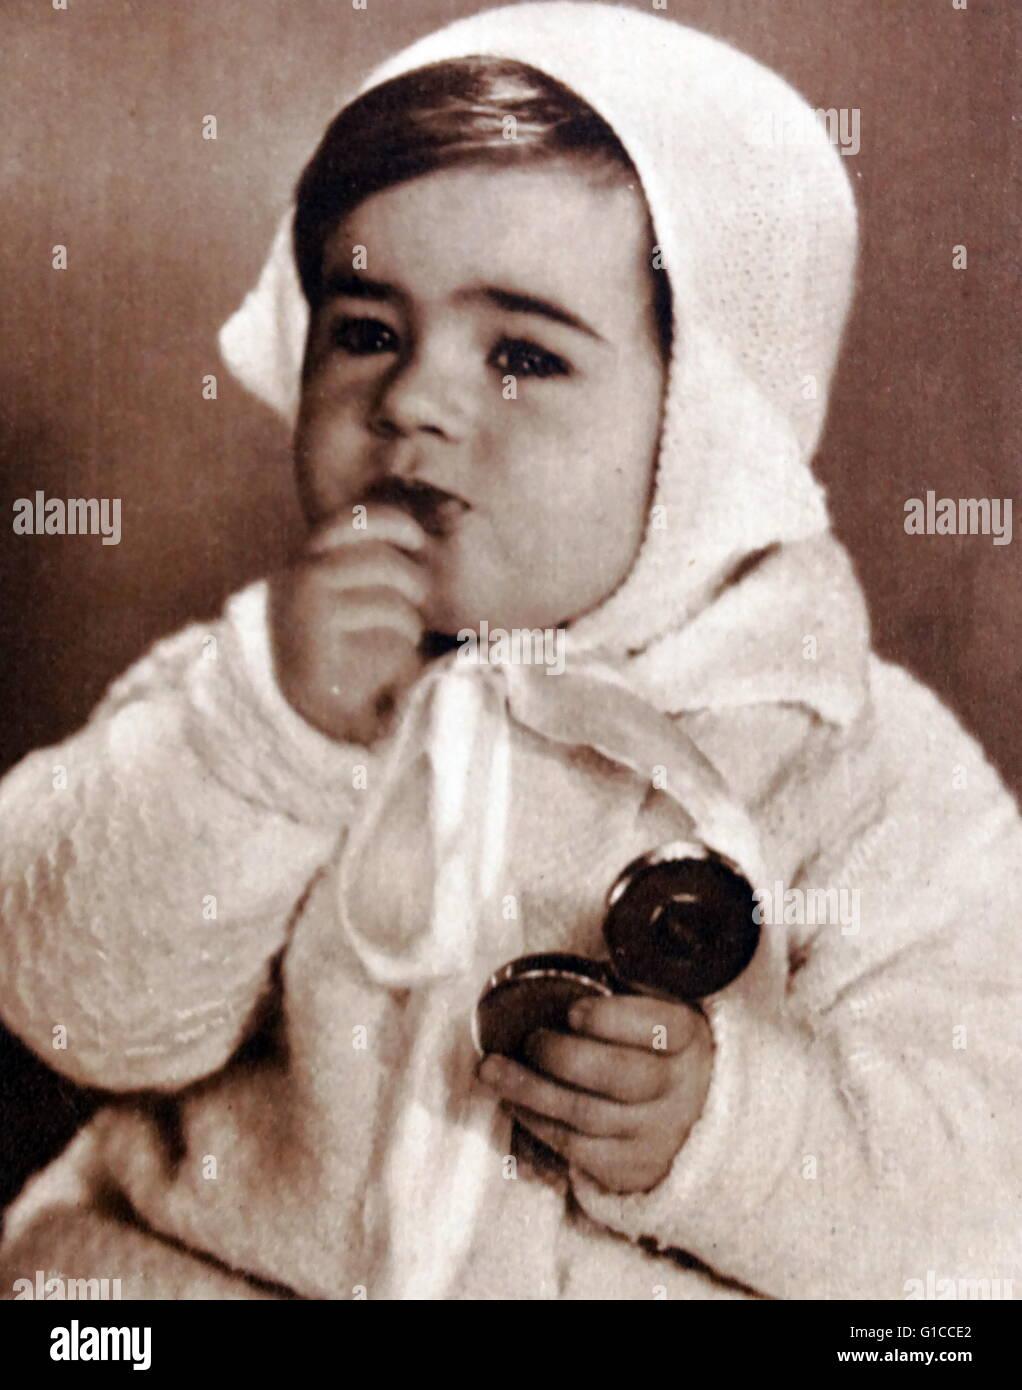 Vintage fotografia di un bambino in Inghilterra 1930 Immagini Stock